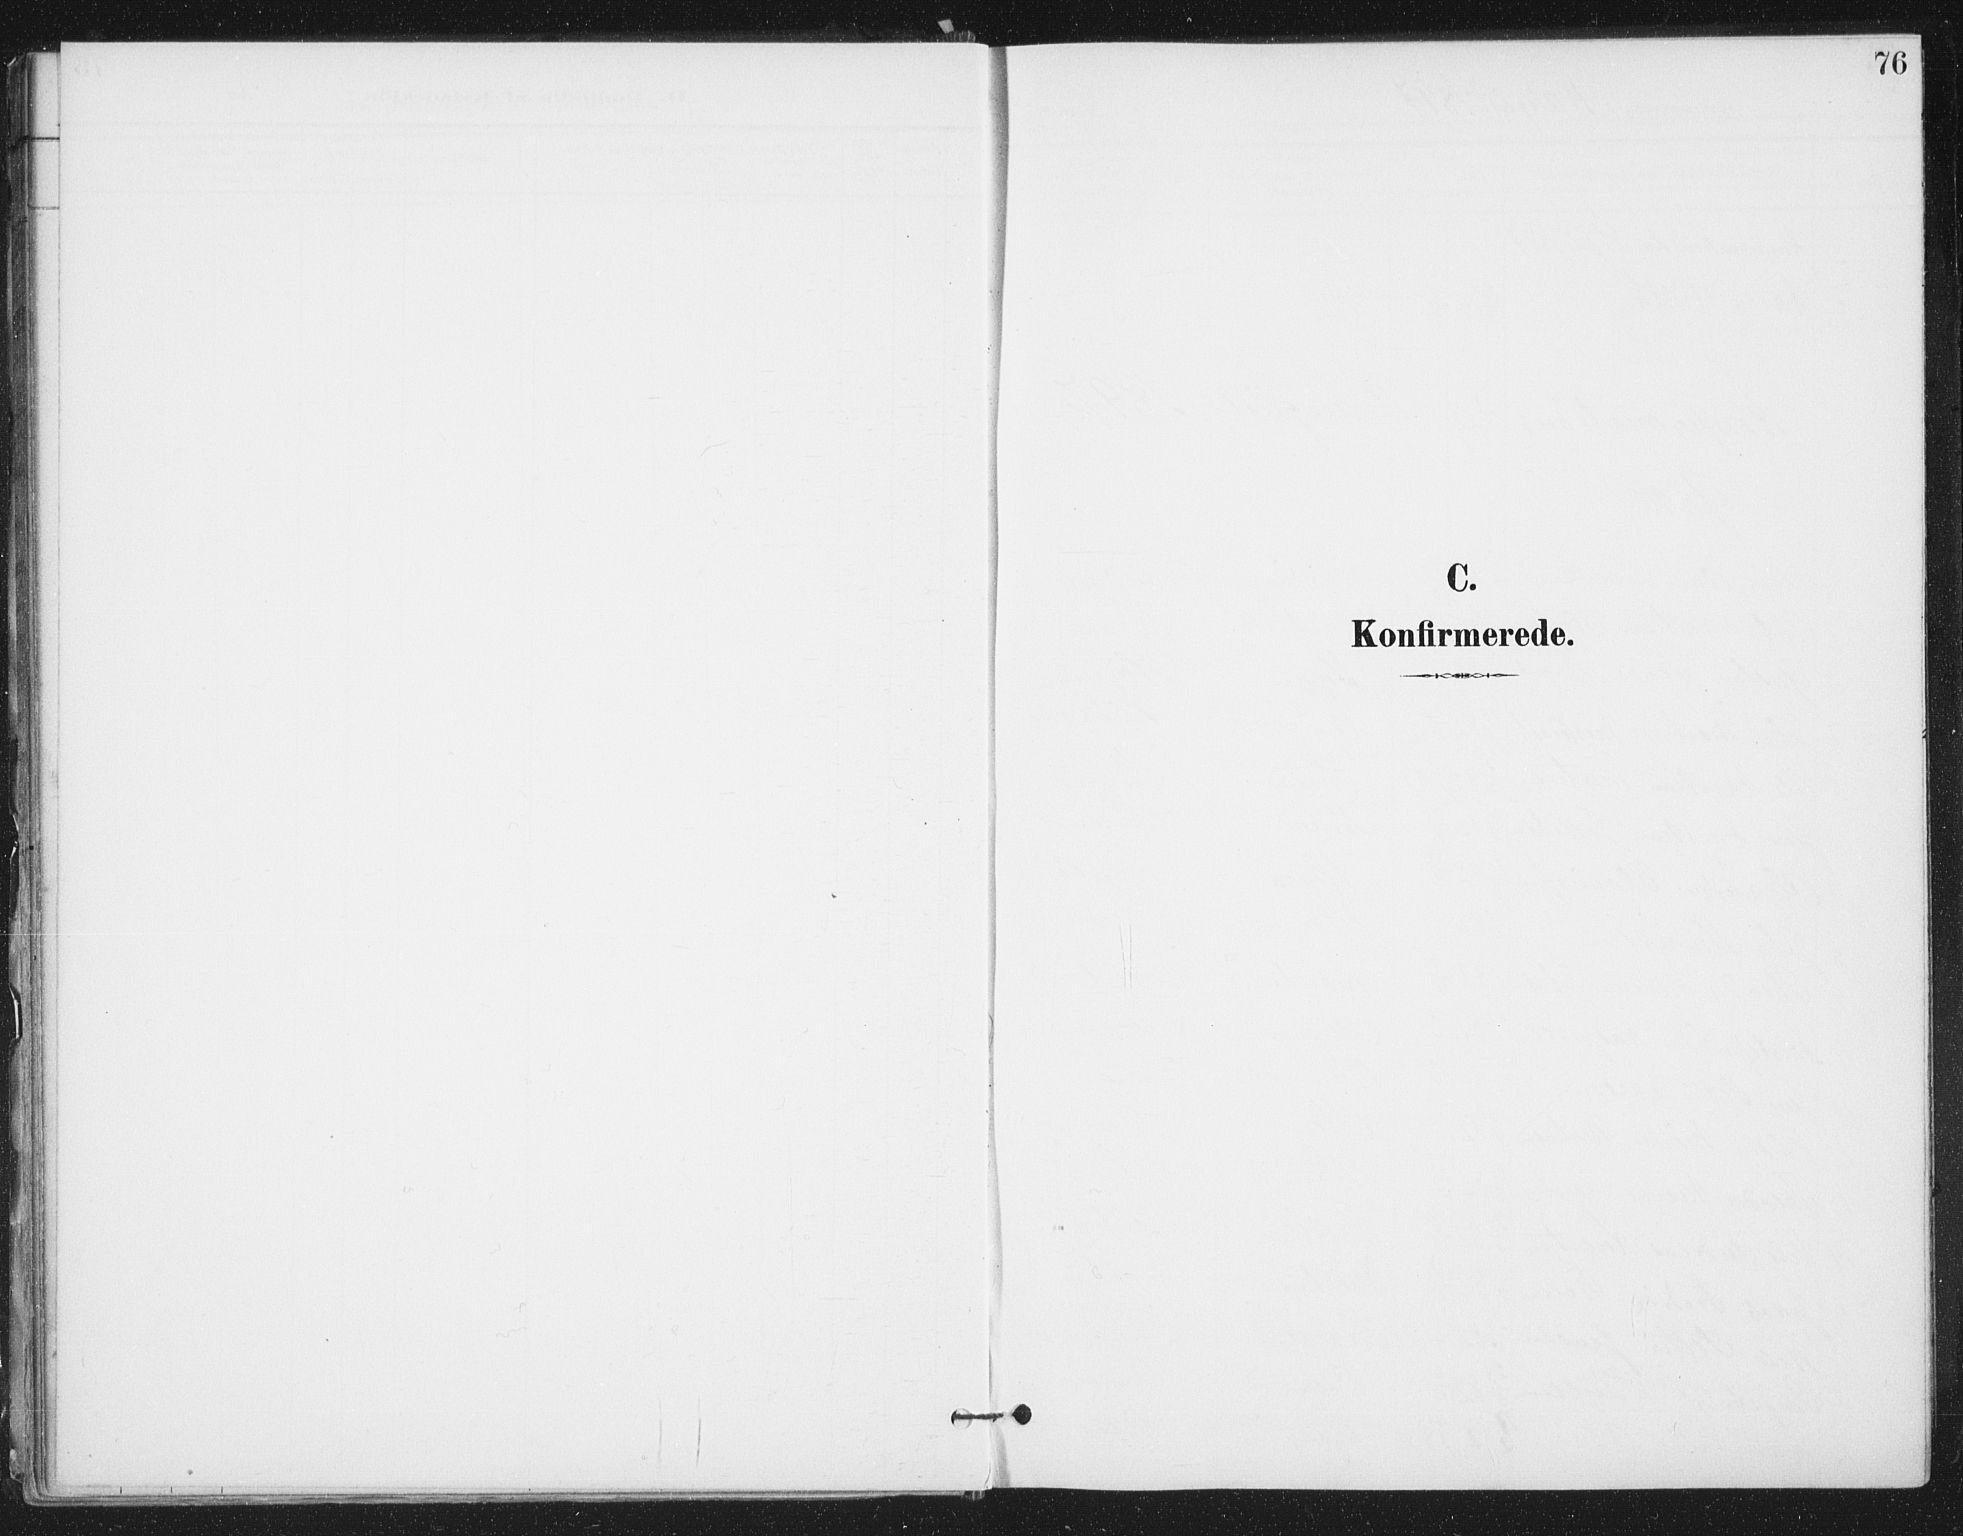 SAT, Ministerialprotokoller, klokkerbøker og fødselsregistre - Sør-Trøndelag, 658/L0723: Ministerialbok nr. 658A02, 1897-1912, s. 76